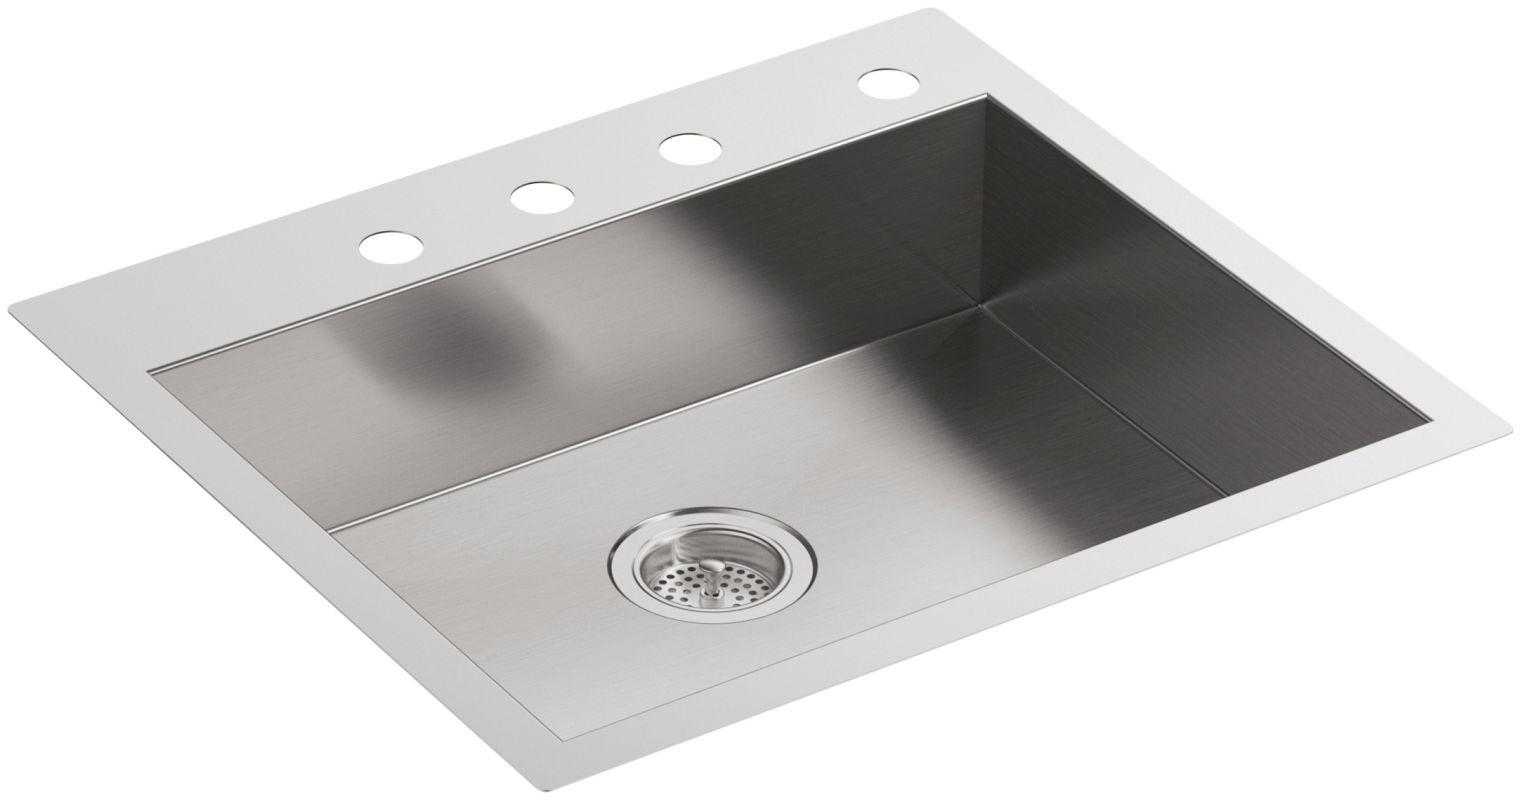 Kohler Stainless Steel Kitchen Sinks faucet | k-3894-4-na in stainless steelkohler